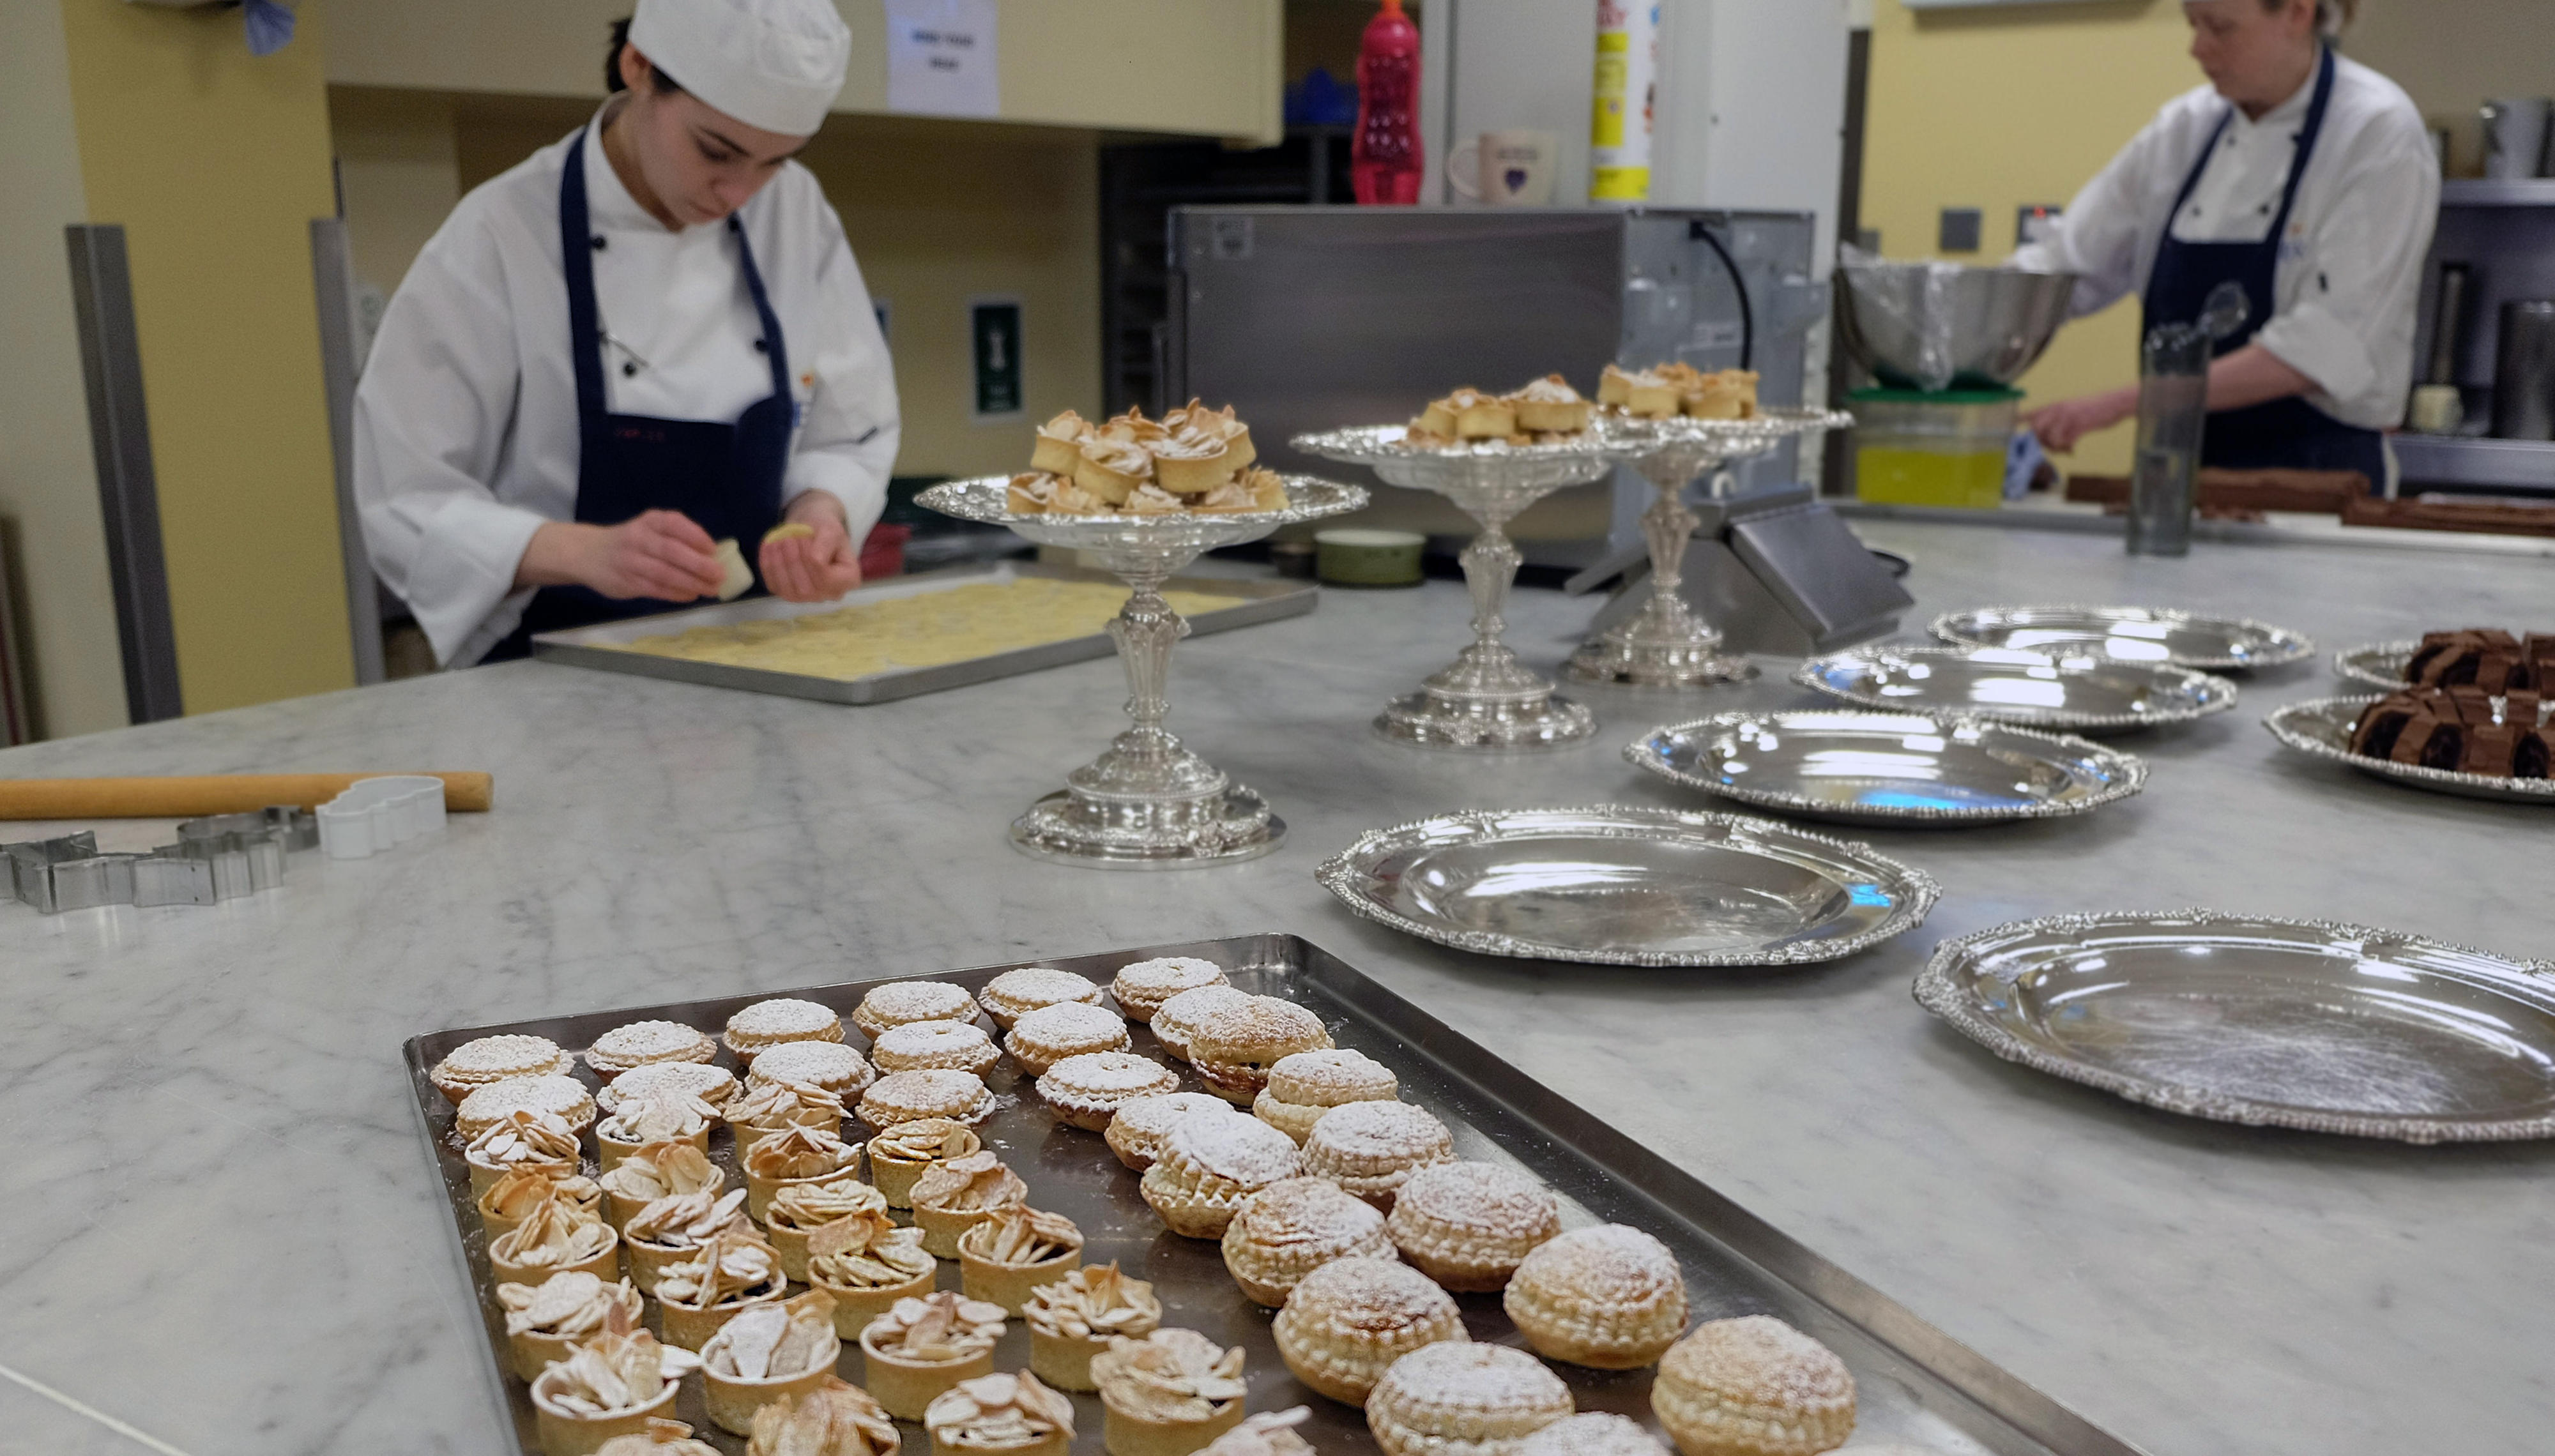 Konditorinnen in der Küche des Buckingham Palasts